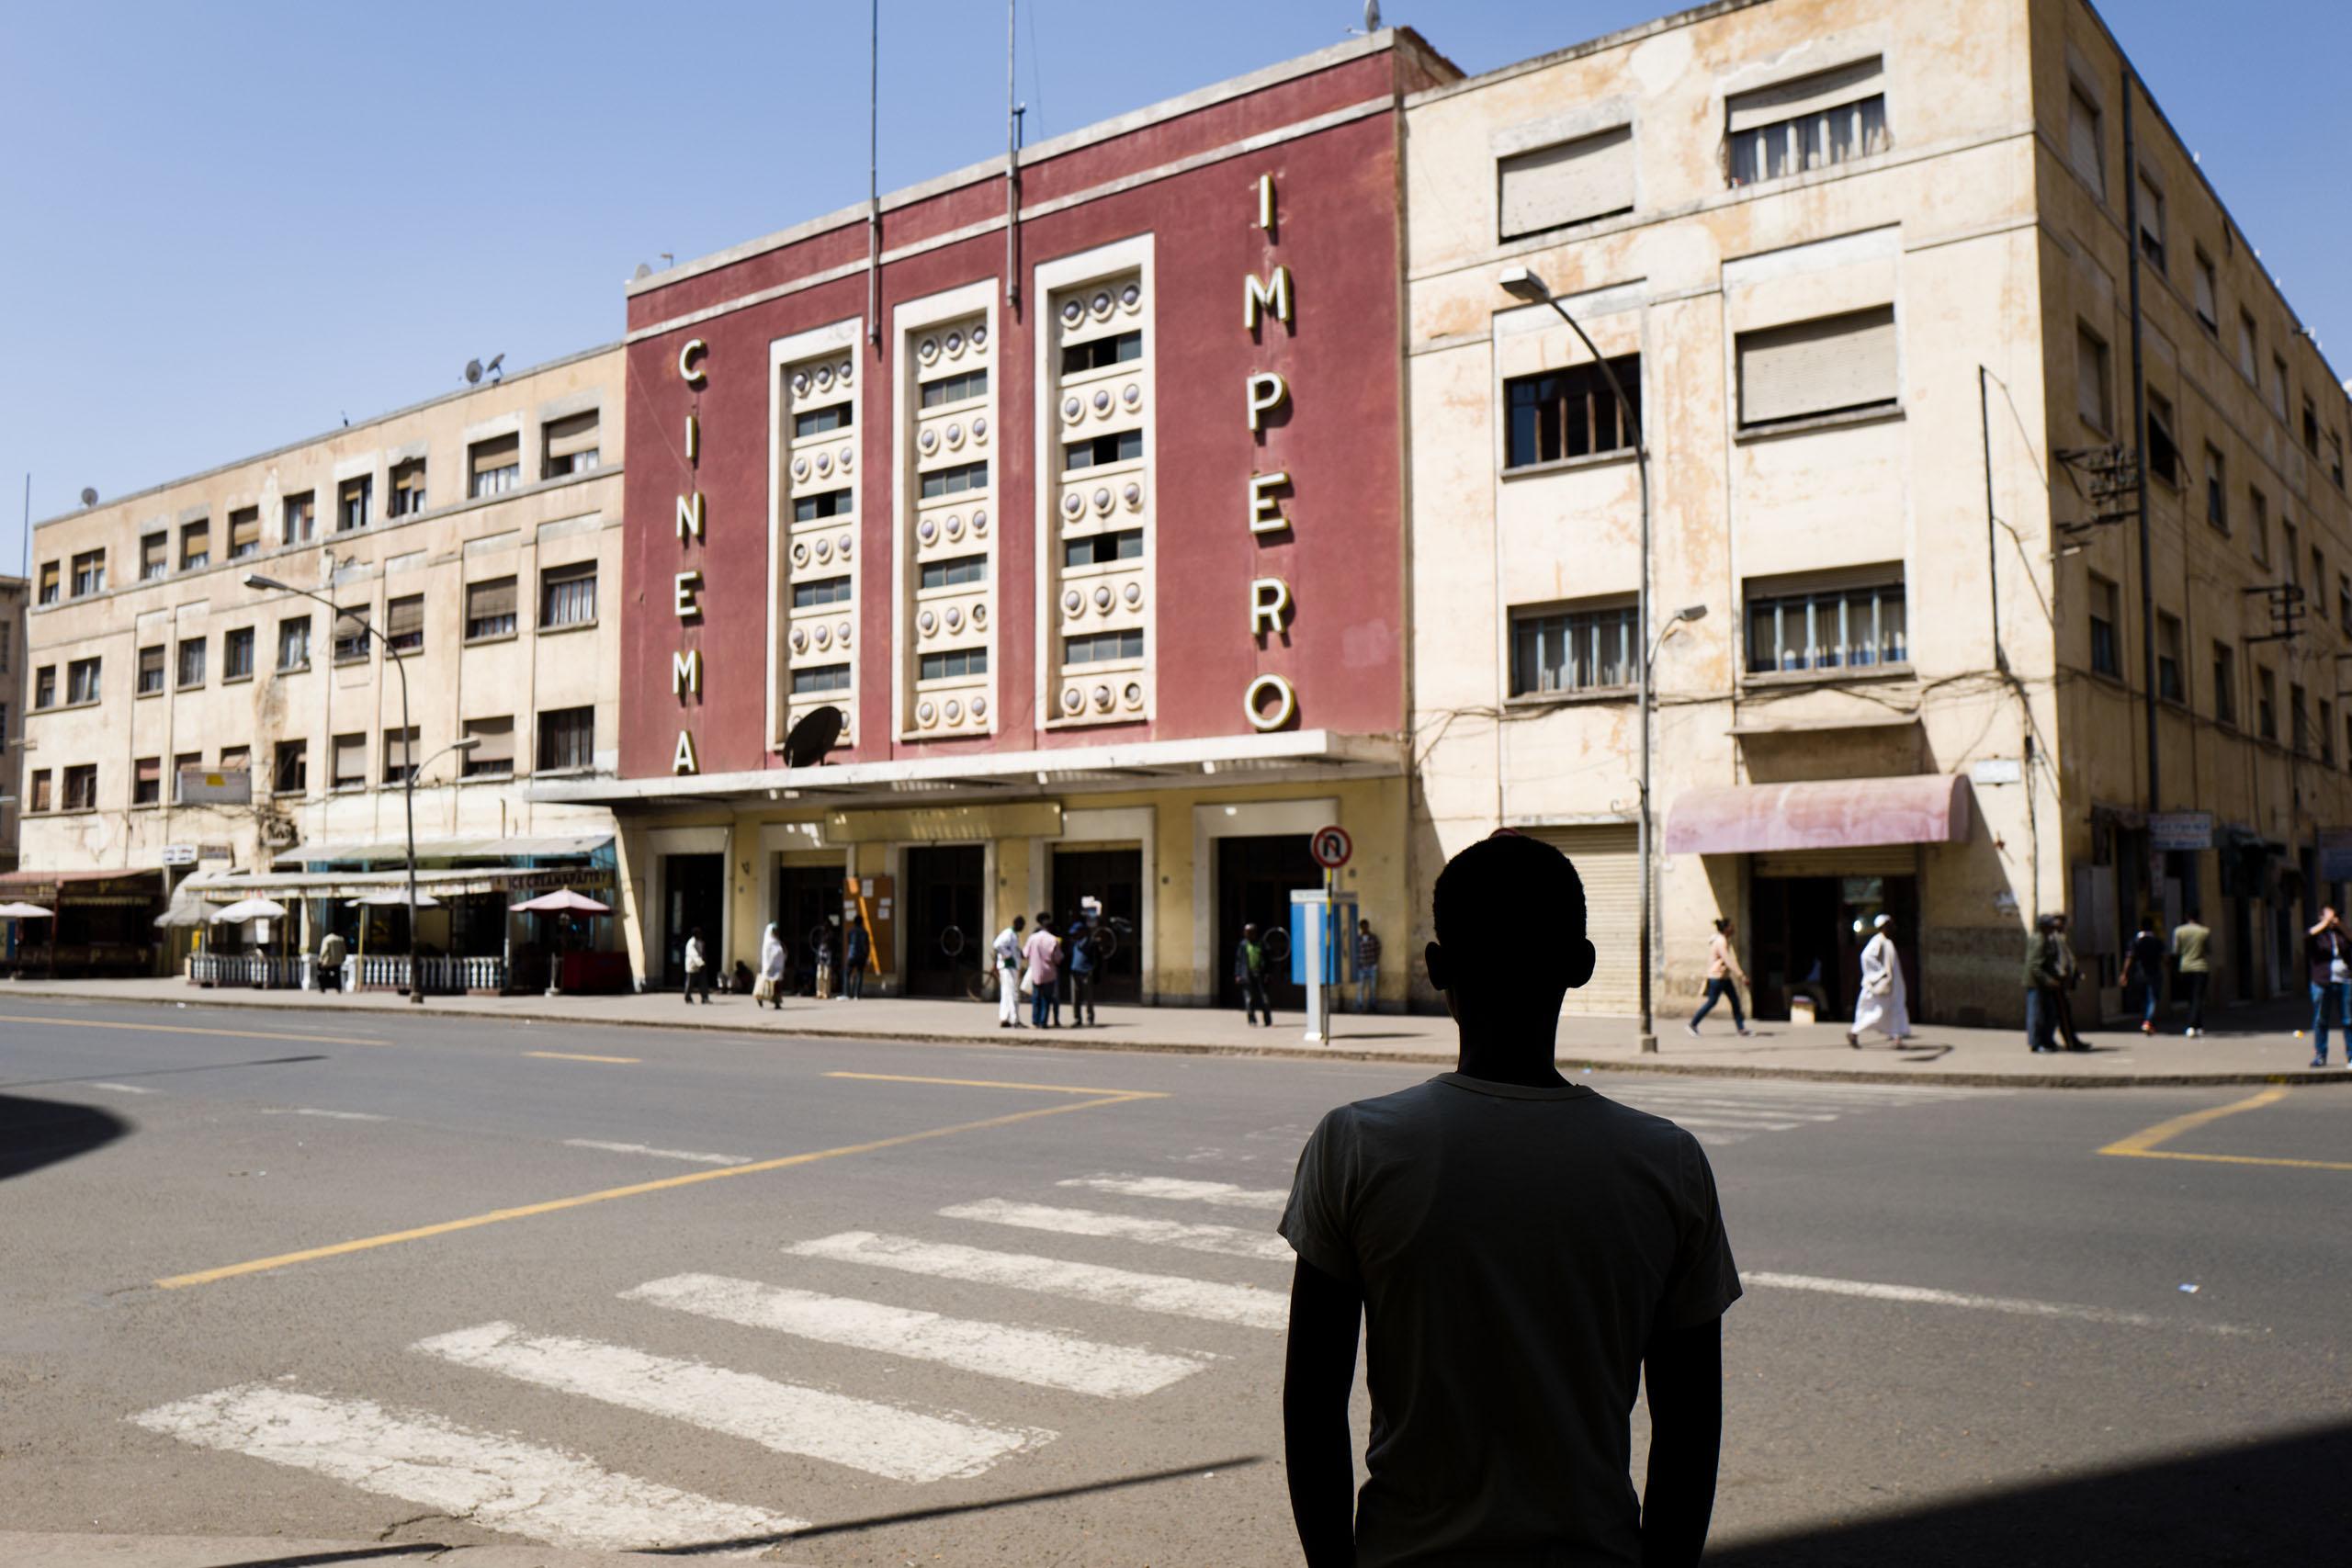 Cinema Impero, an art deco-style cinema in Asmara, Eritrea 2016.